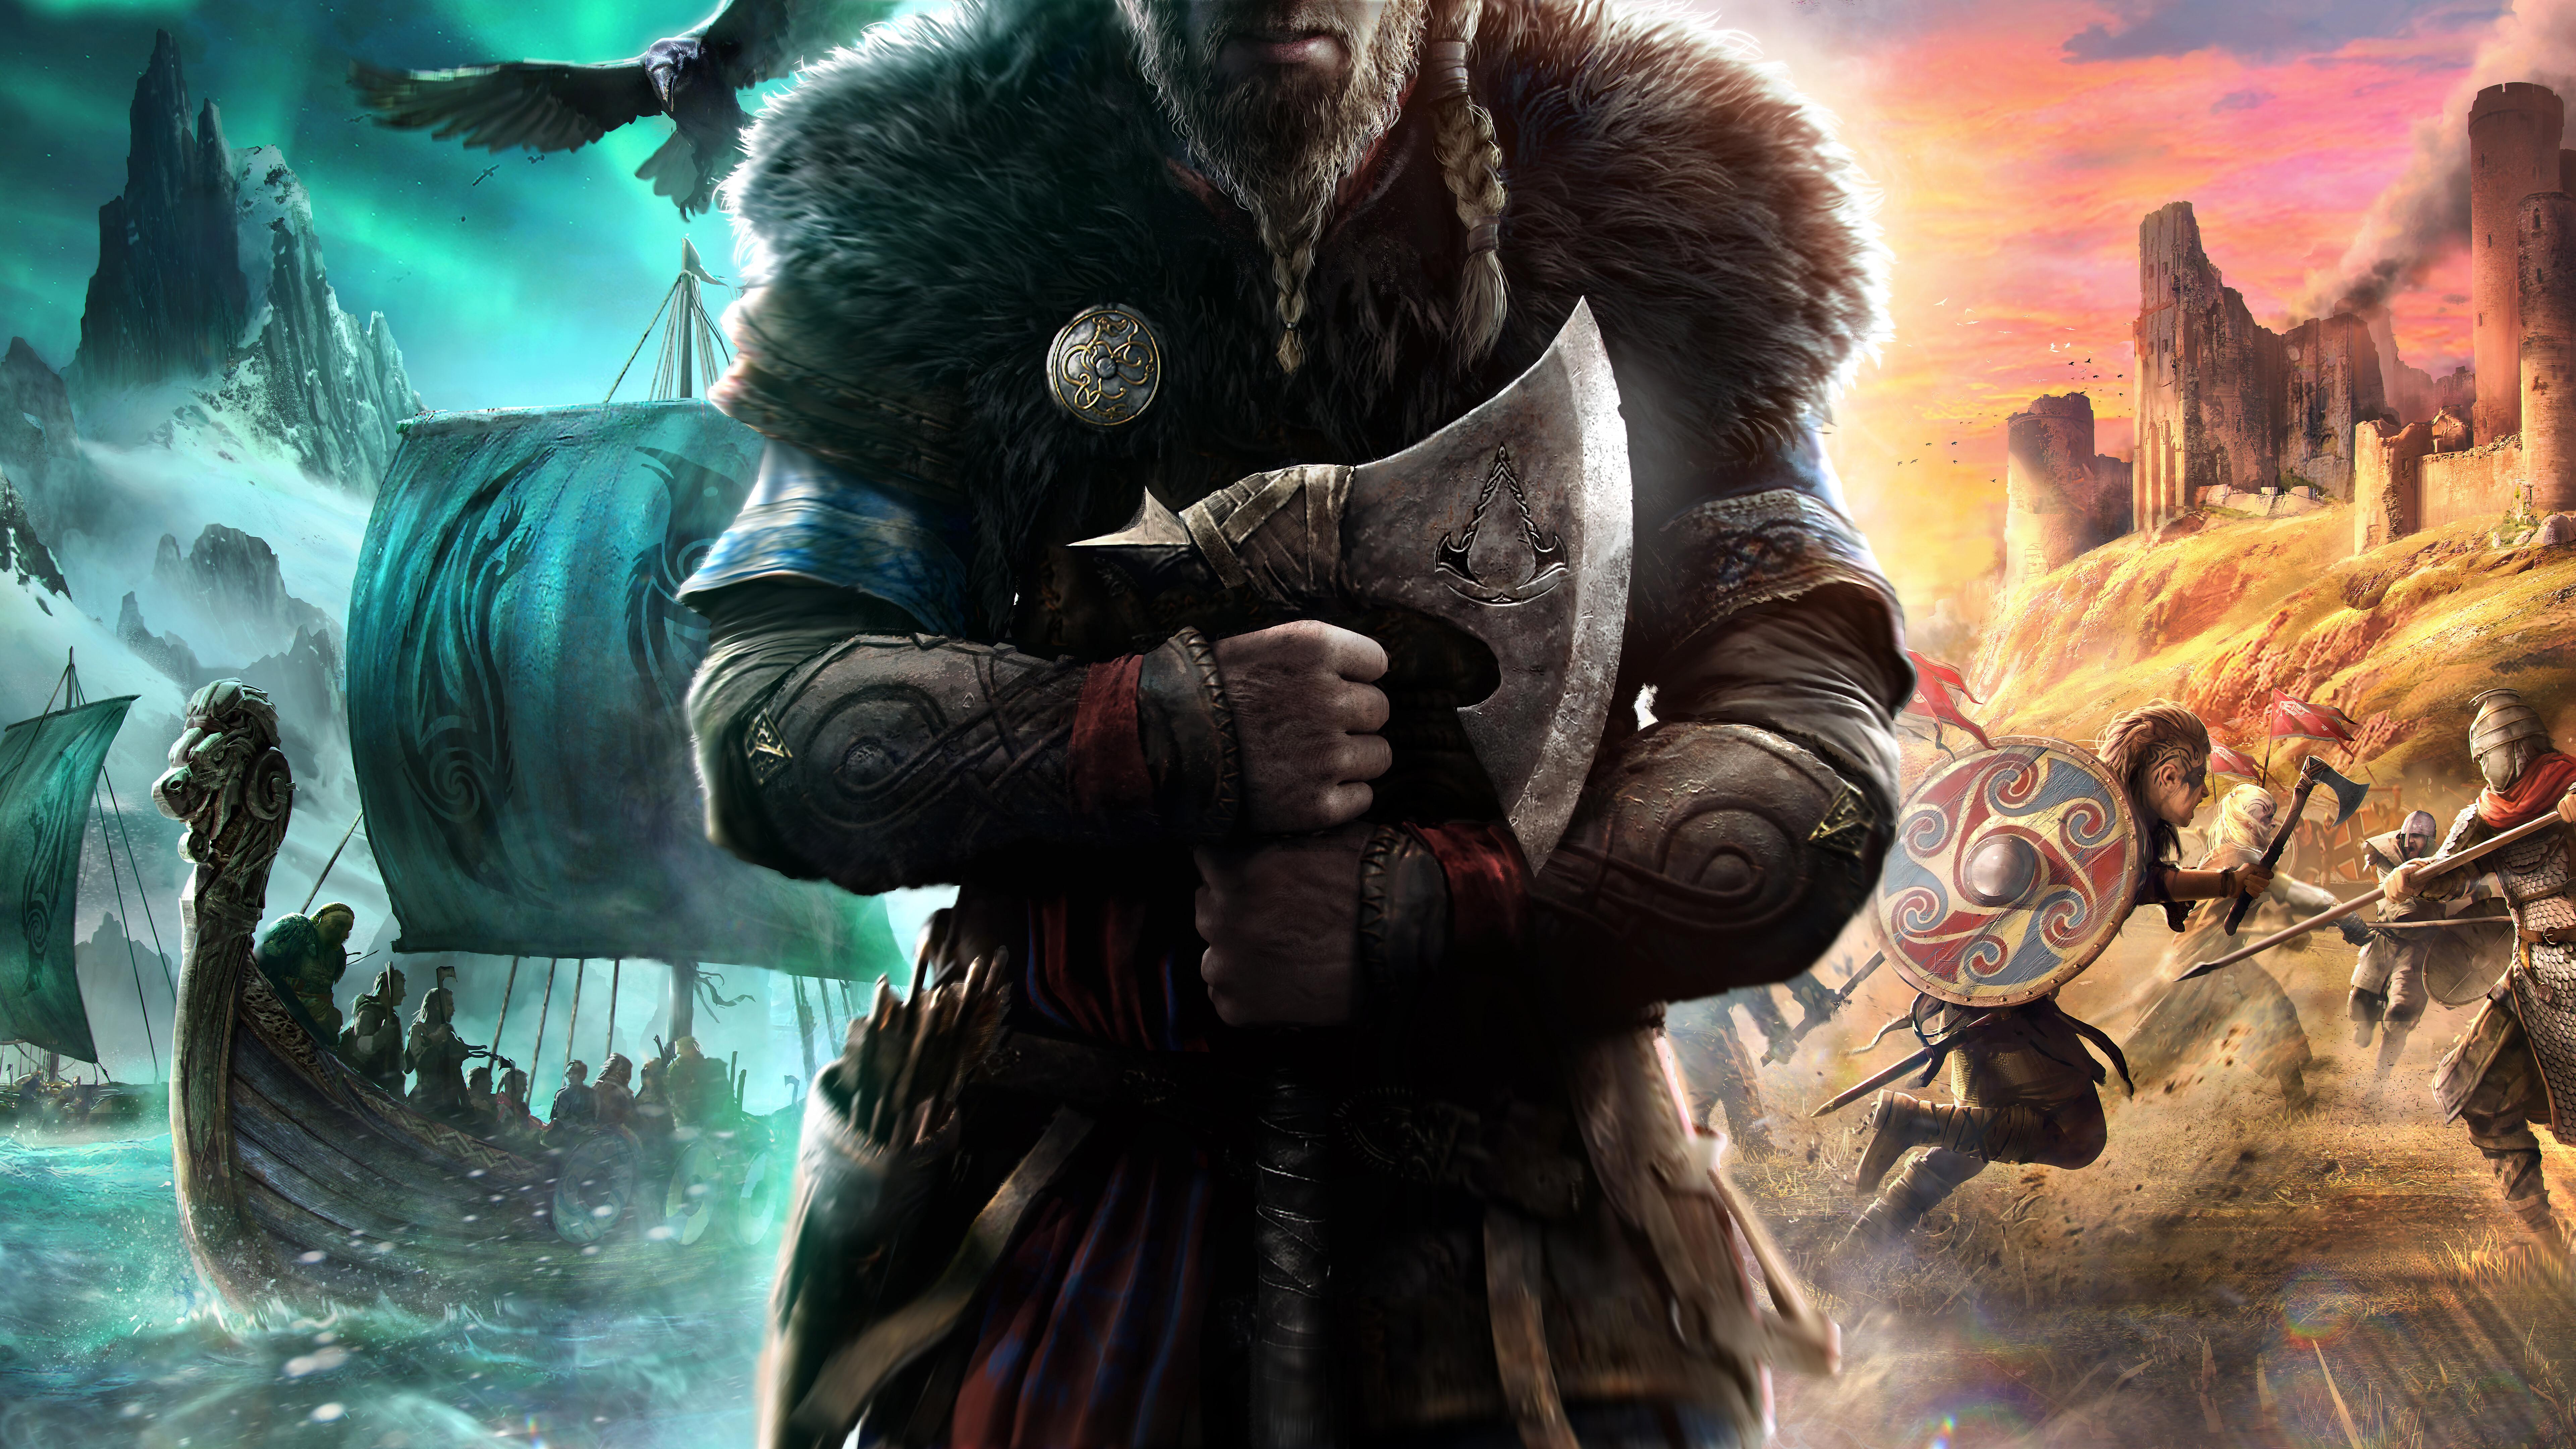 Assassins Creed Valhalla 8K Wallpaper 71958 7680x4320